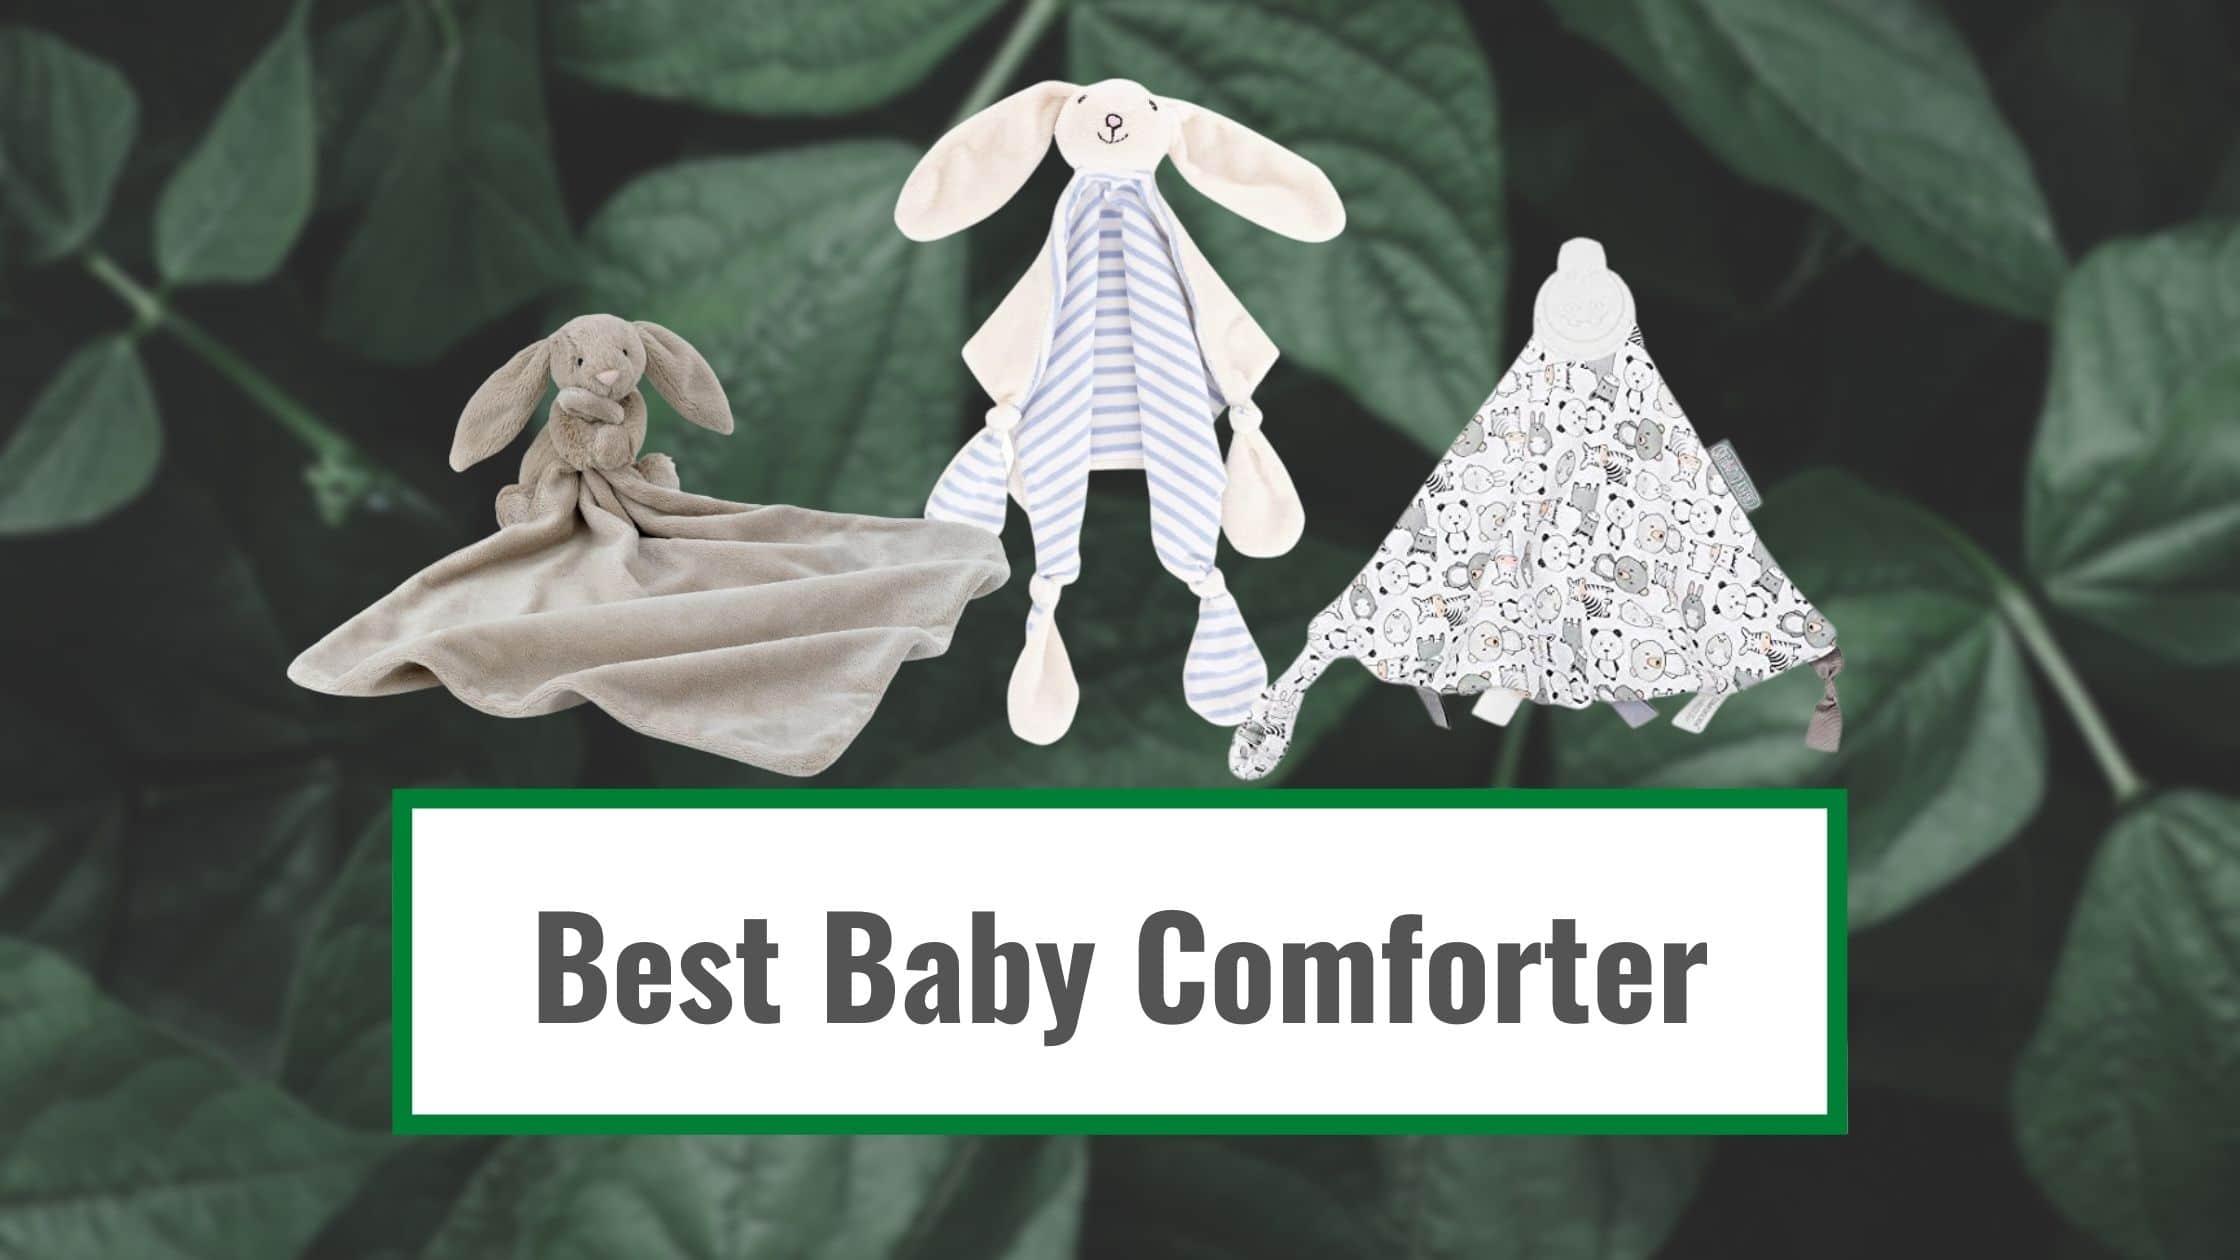 Best Baby Comforter